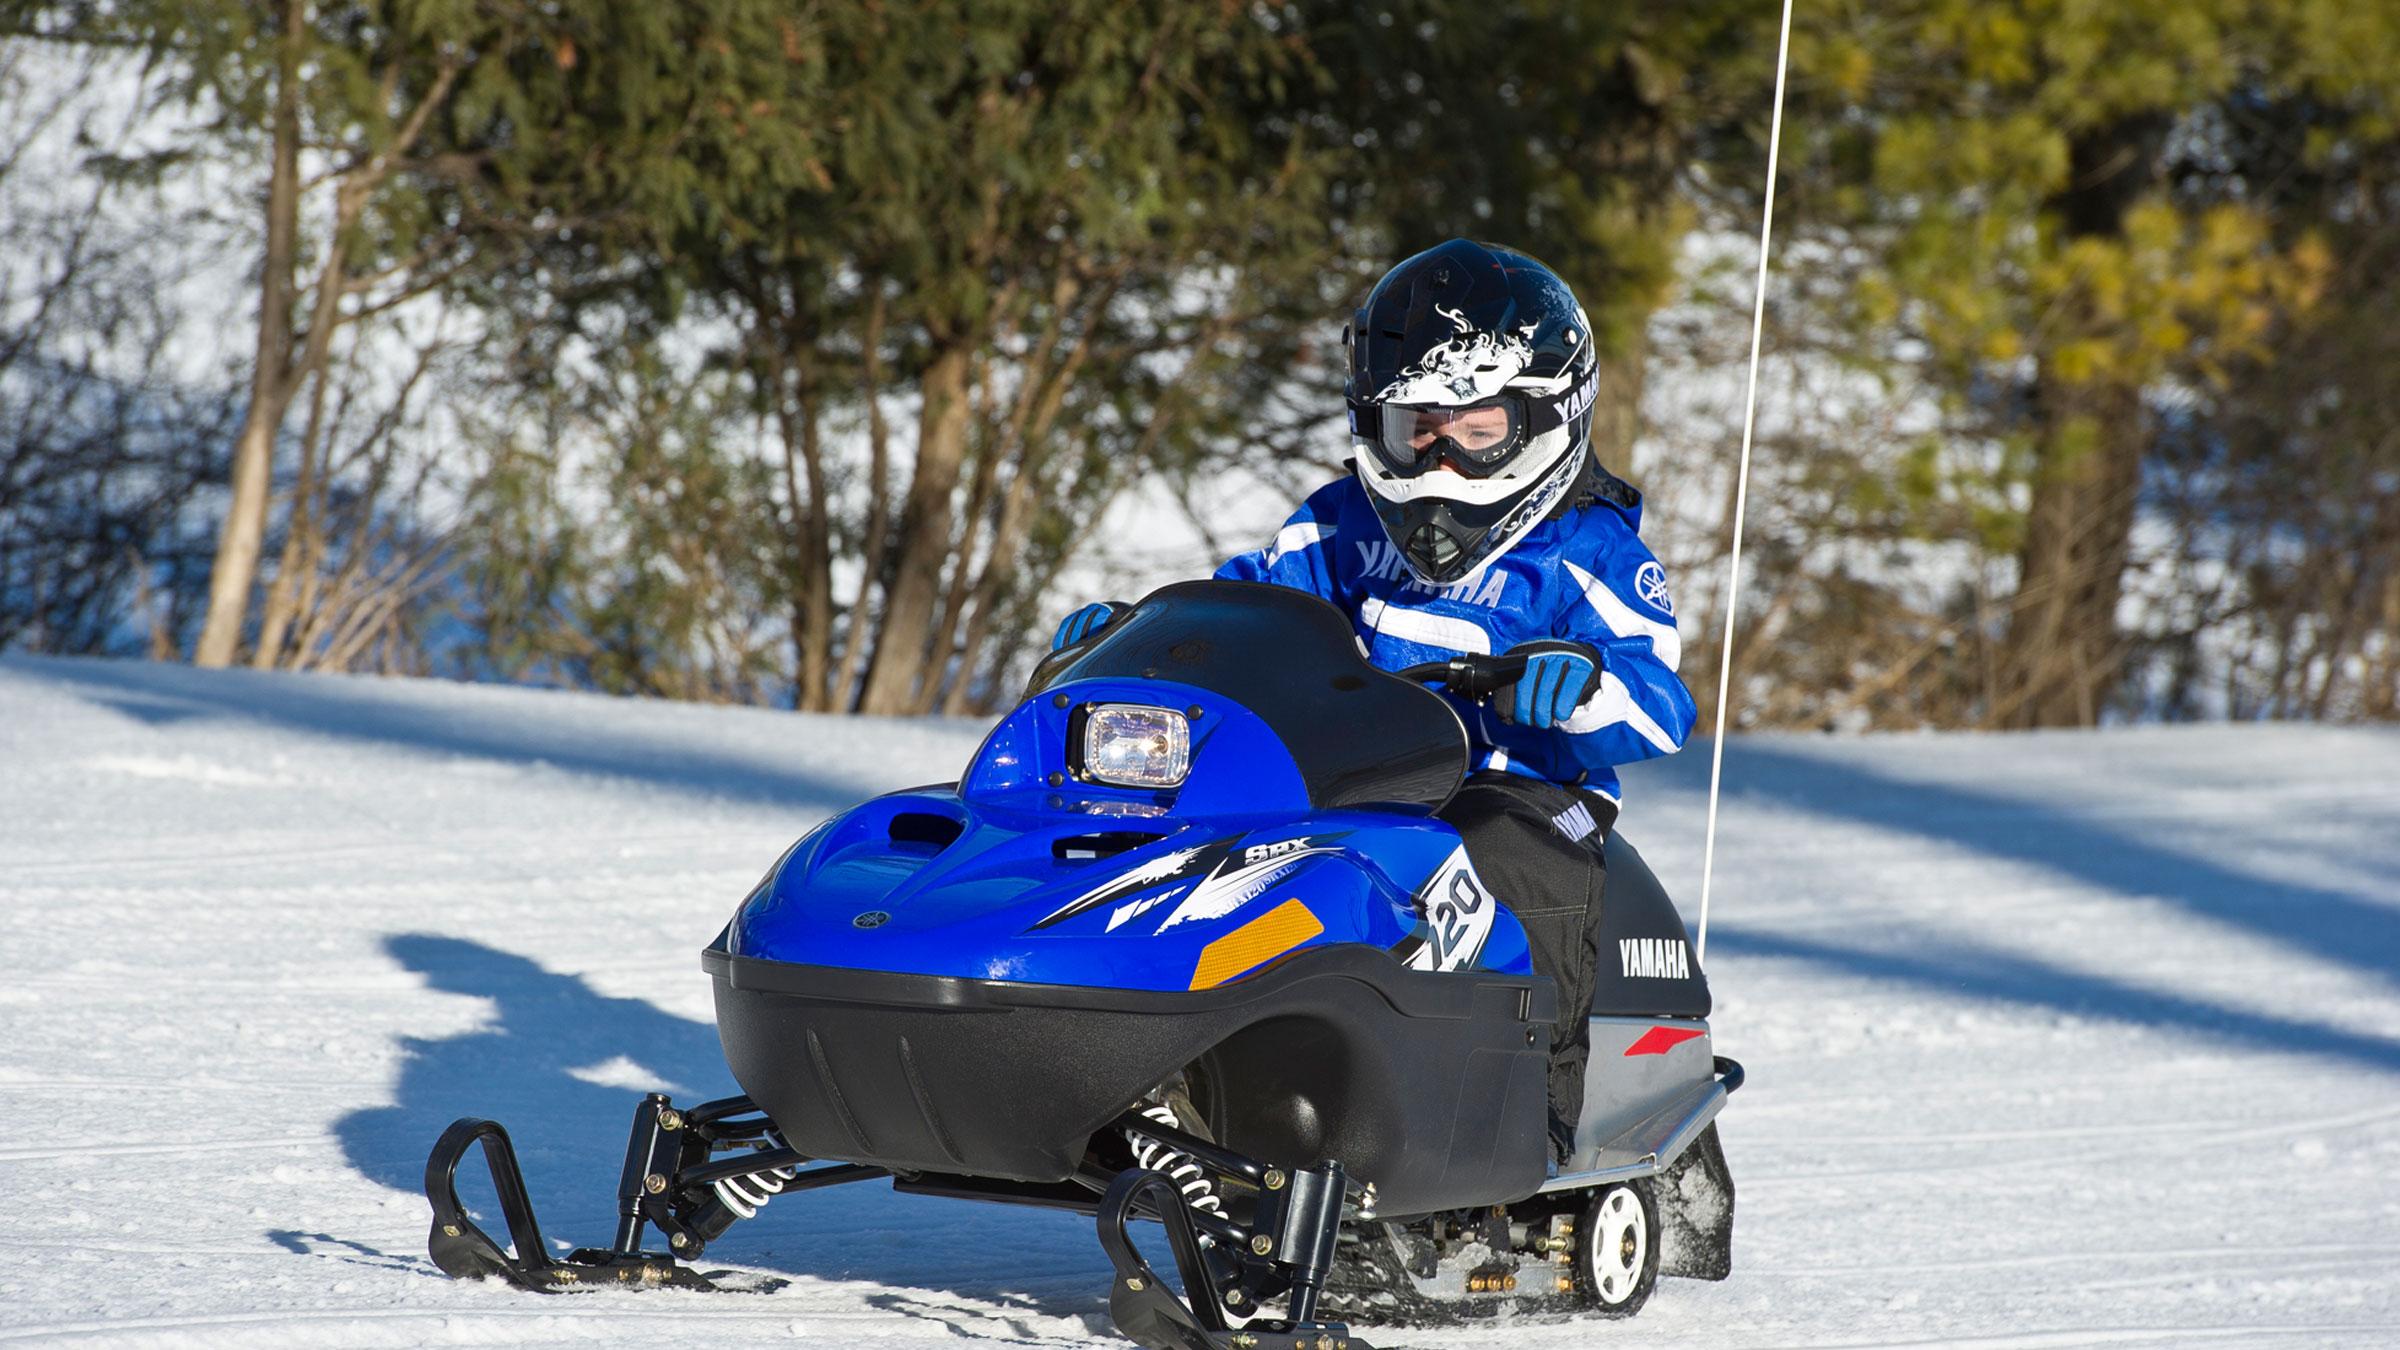 yamaha-mini-sled-rides